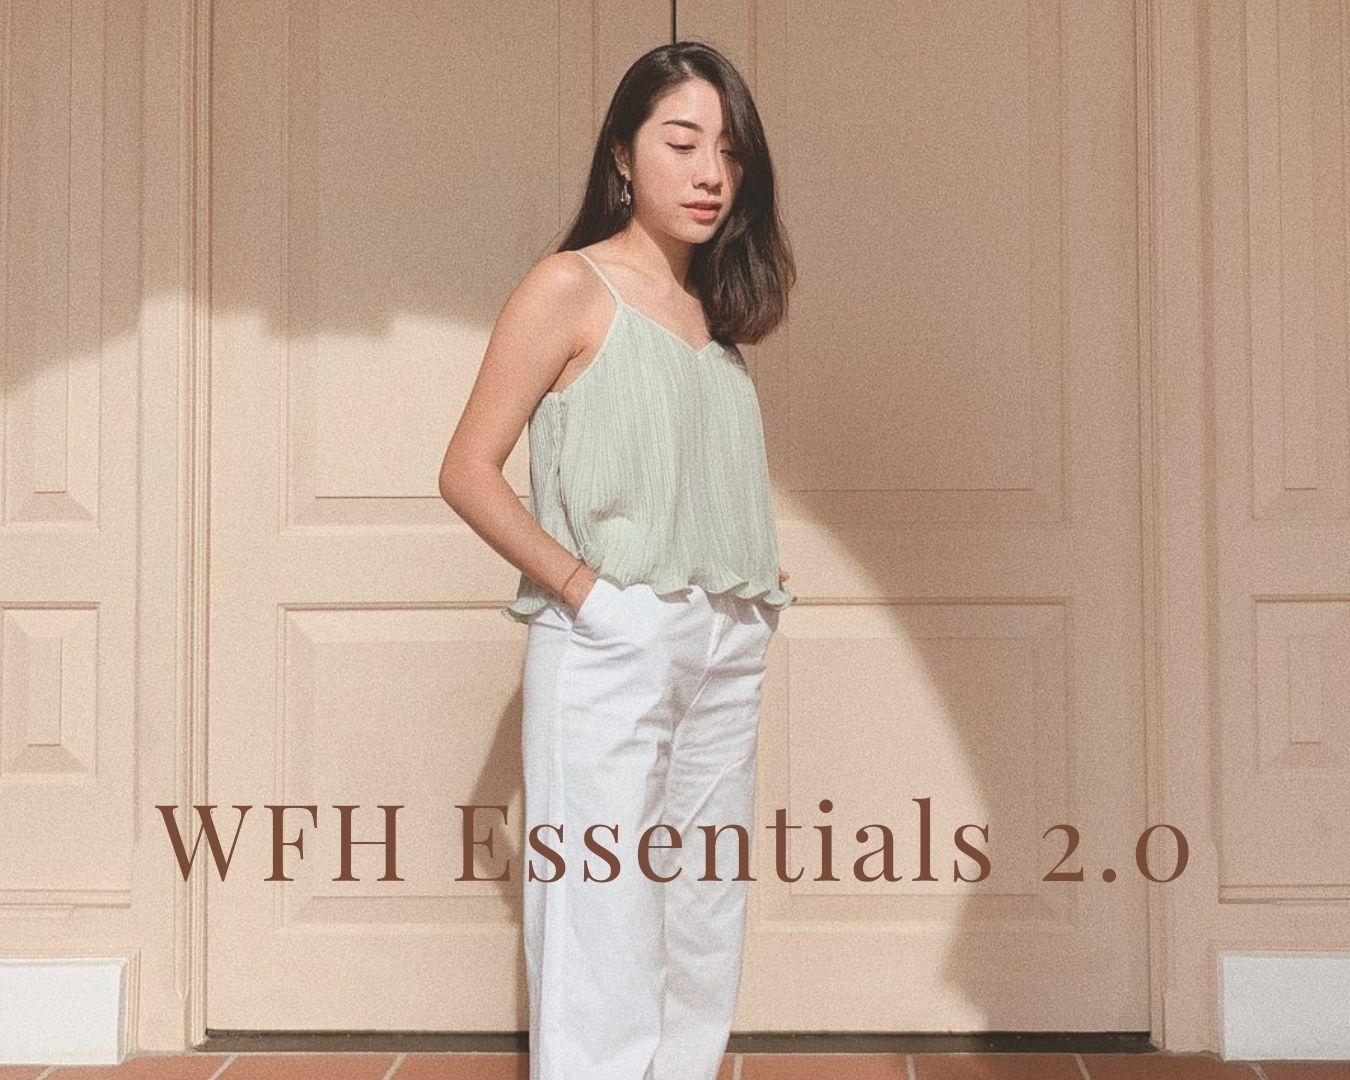 WFH Essentials 2.0